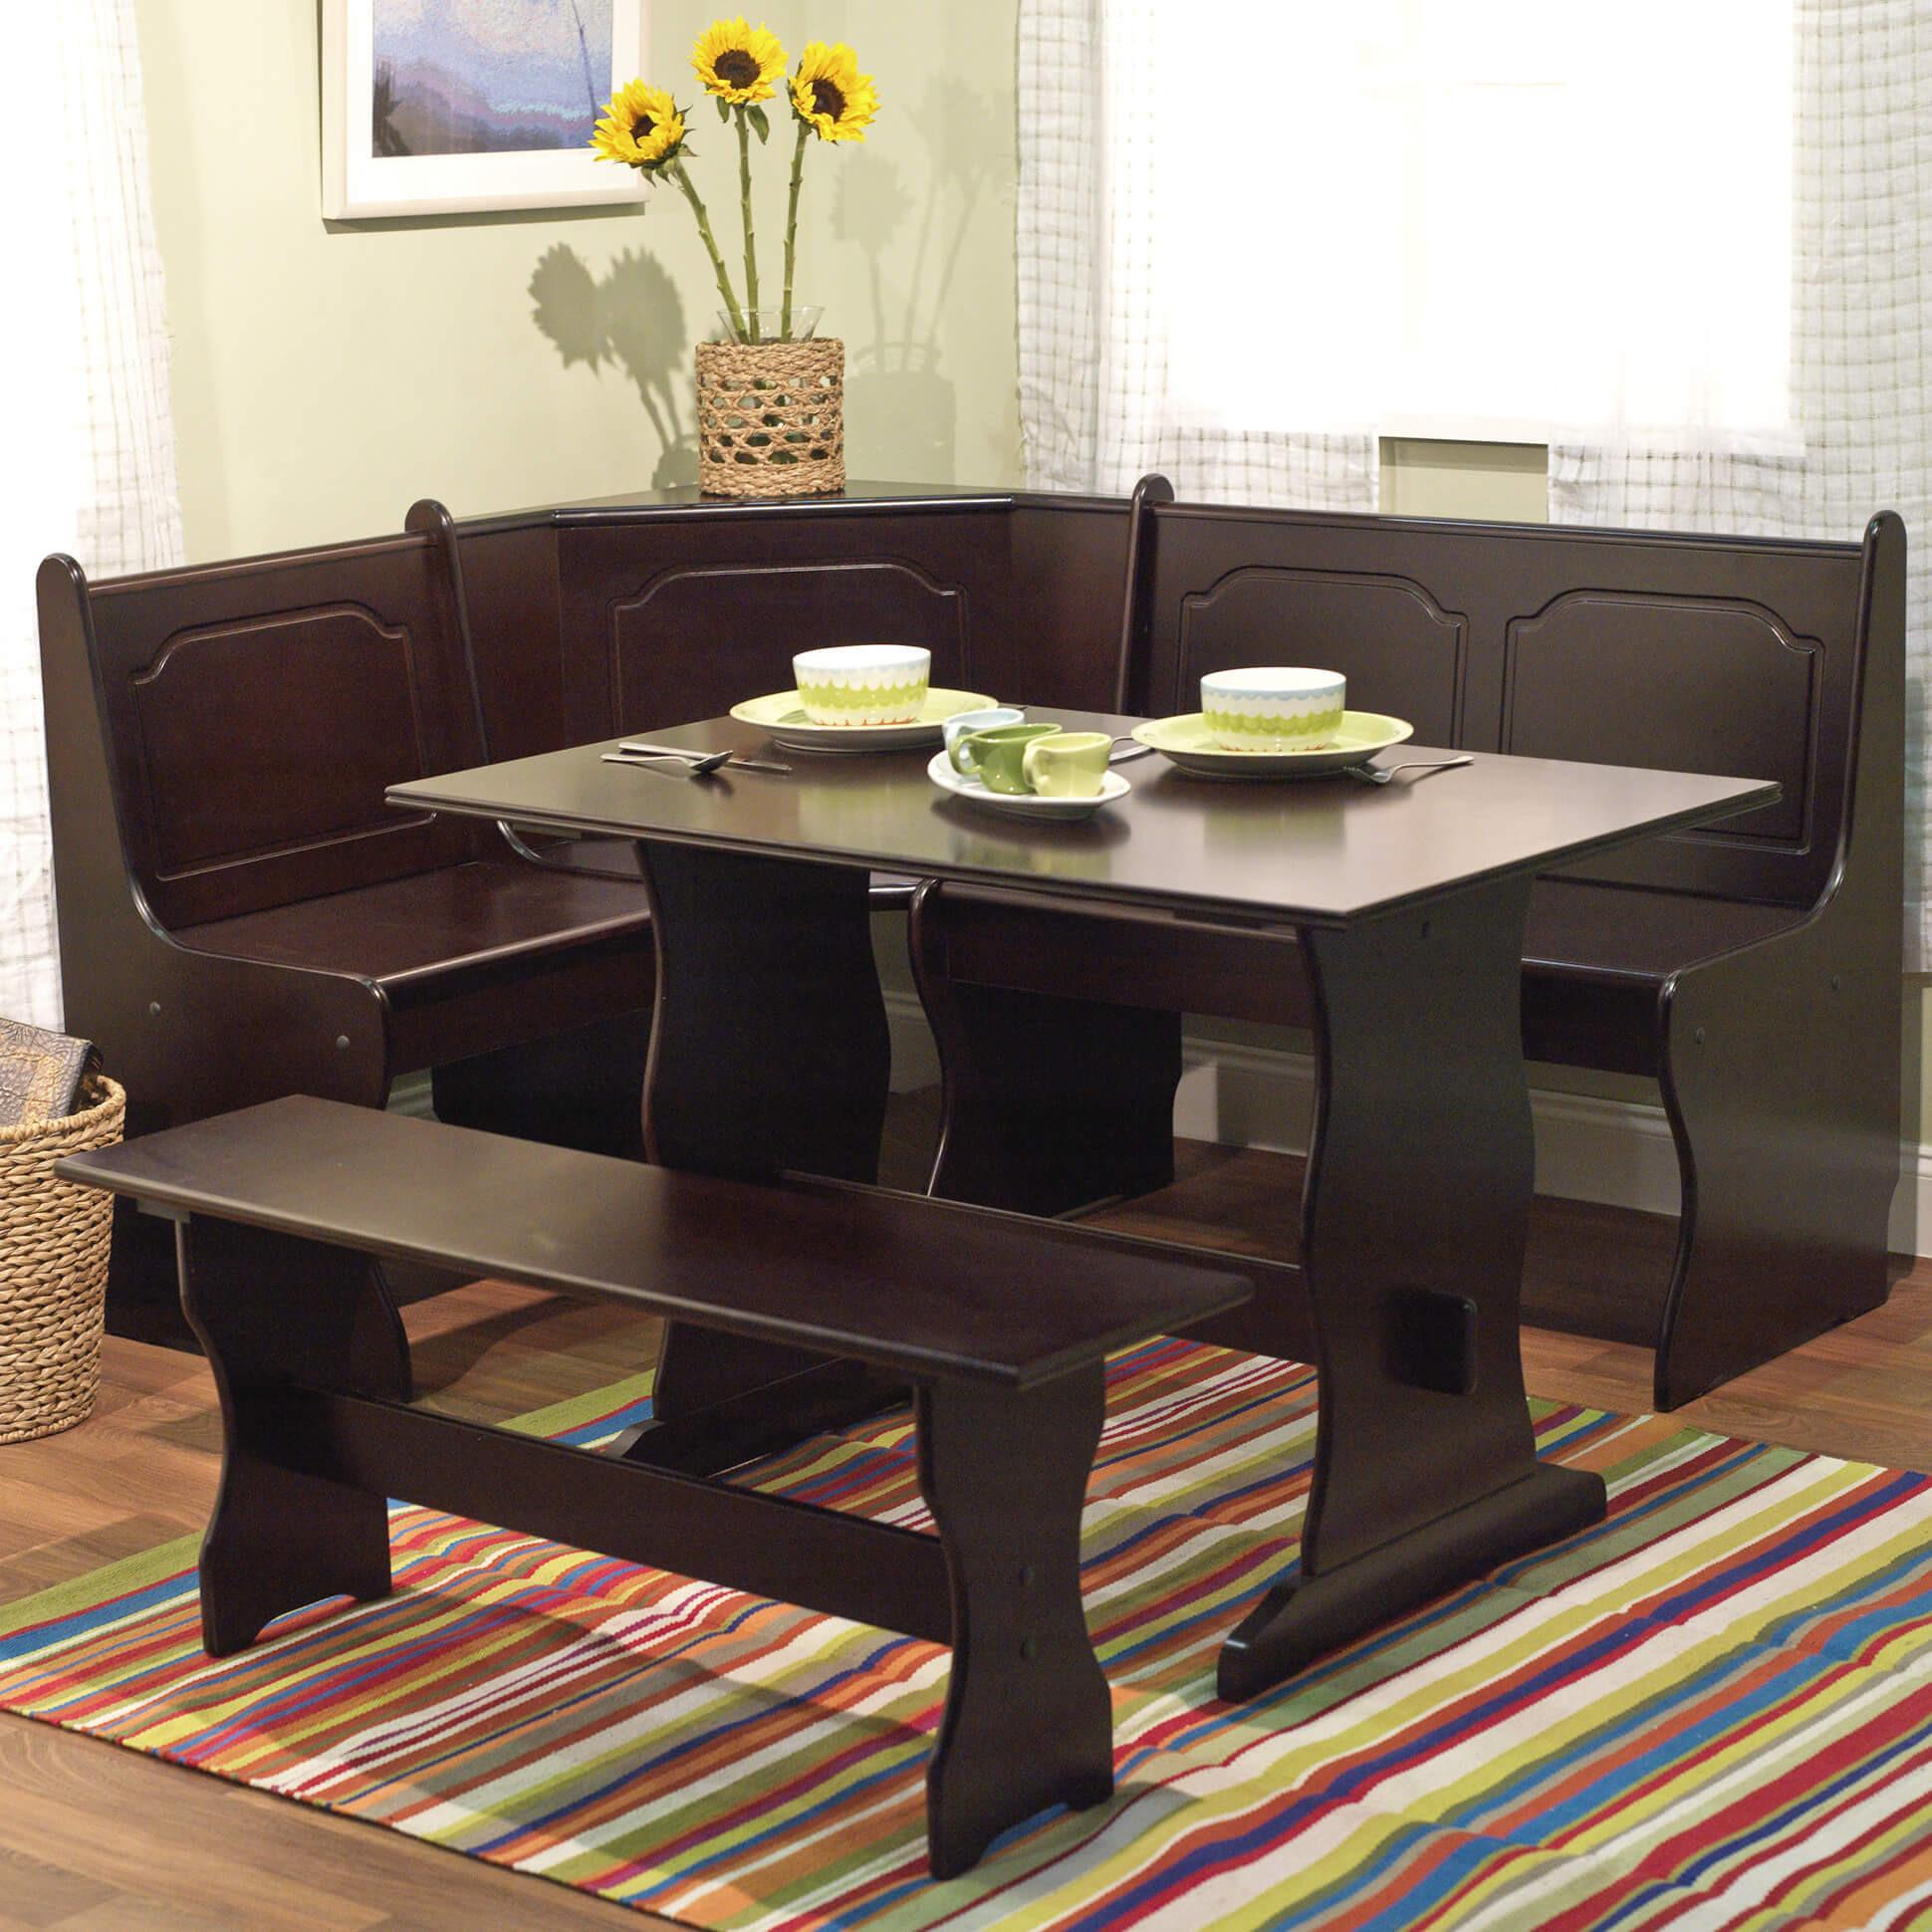 Kitchen Nook Bench With Storage  21 Space Saving Corner Breakfast Nook Furniture Sets BOOTHS